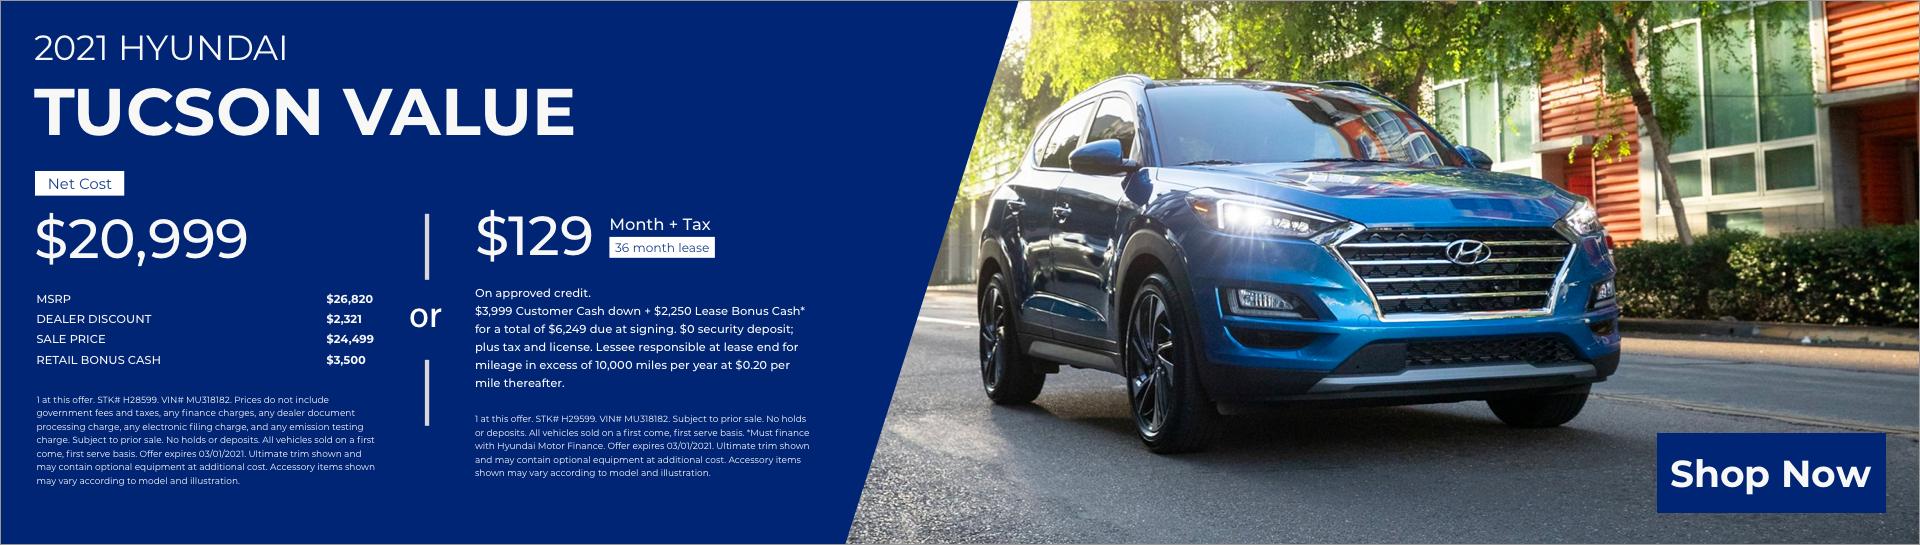 02-25 2021 Hyundai Tucson Value